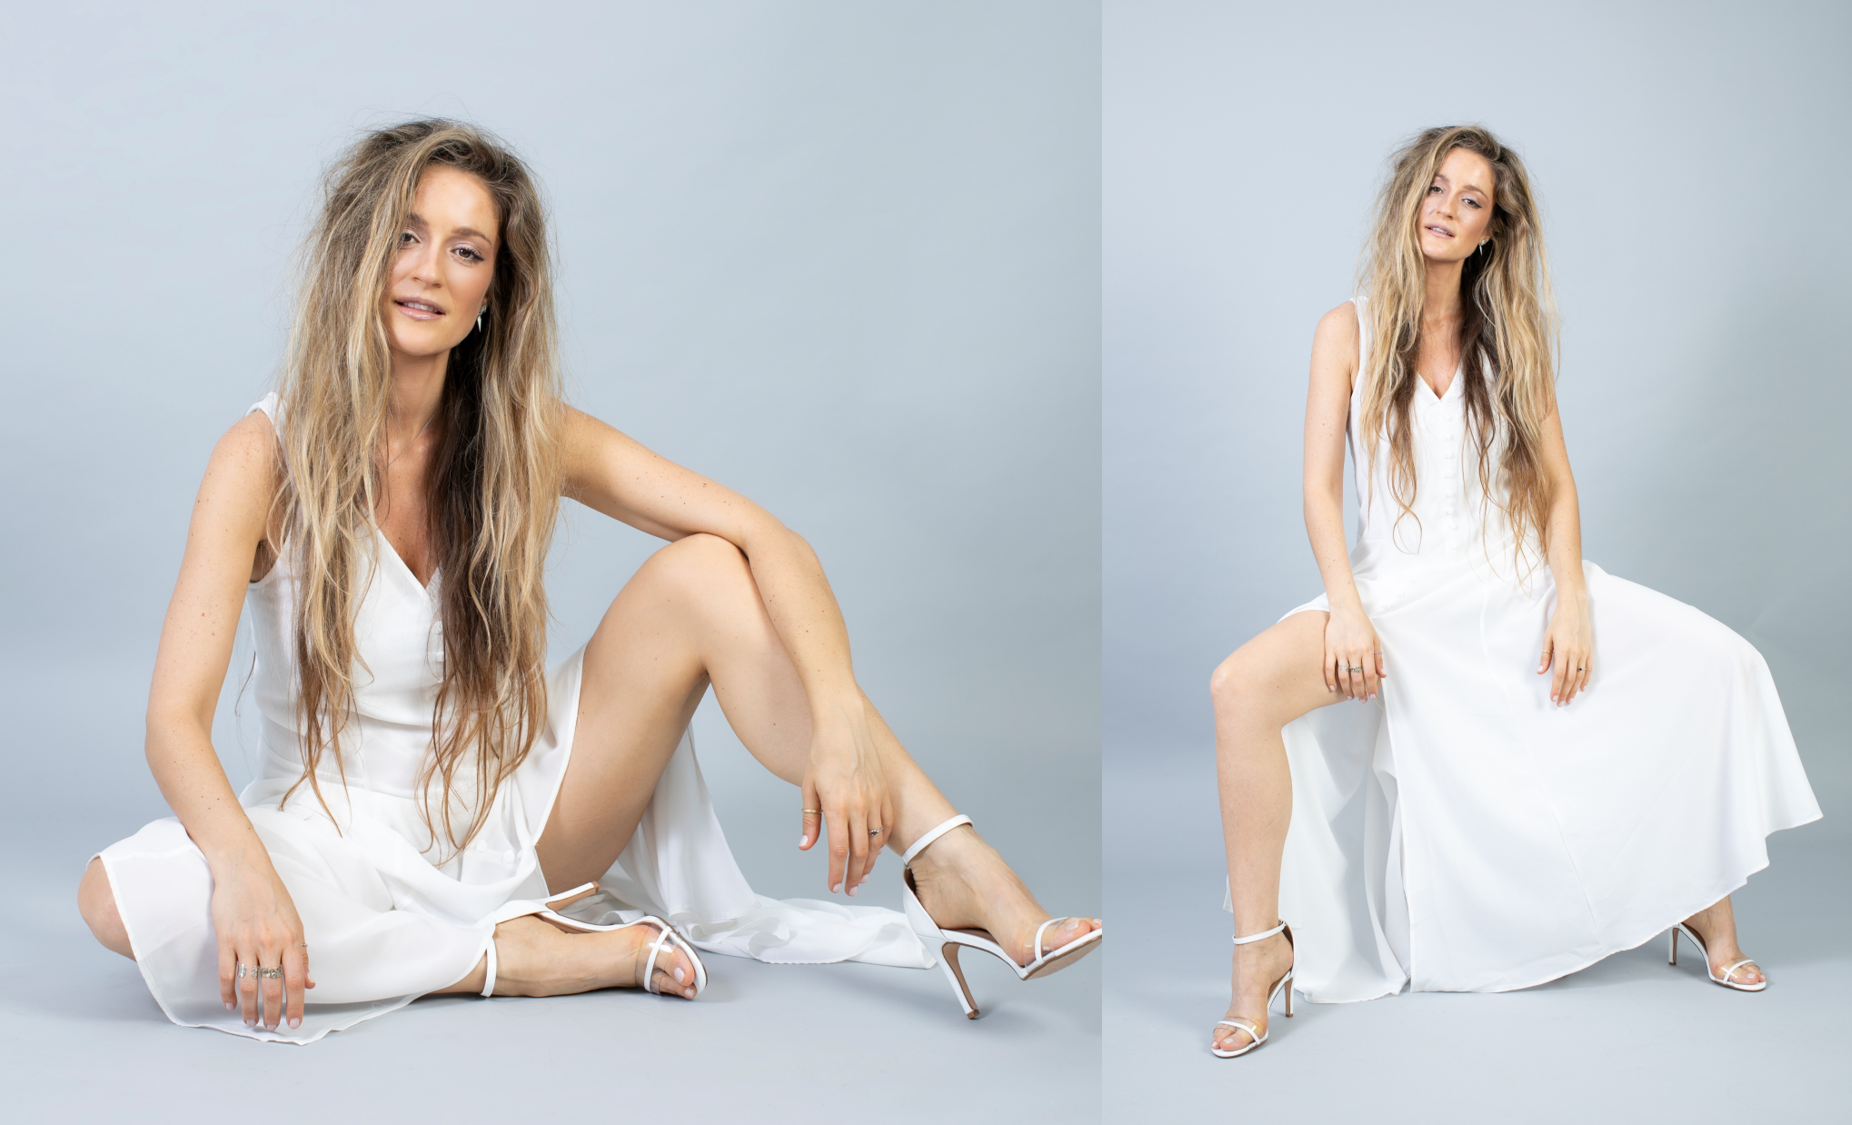 הפקה למותג Cle'D'or צילום: ענת קזולה איפור ושיער: בר ברק